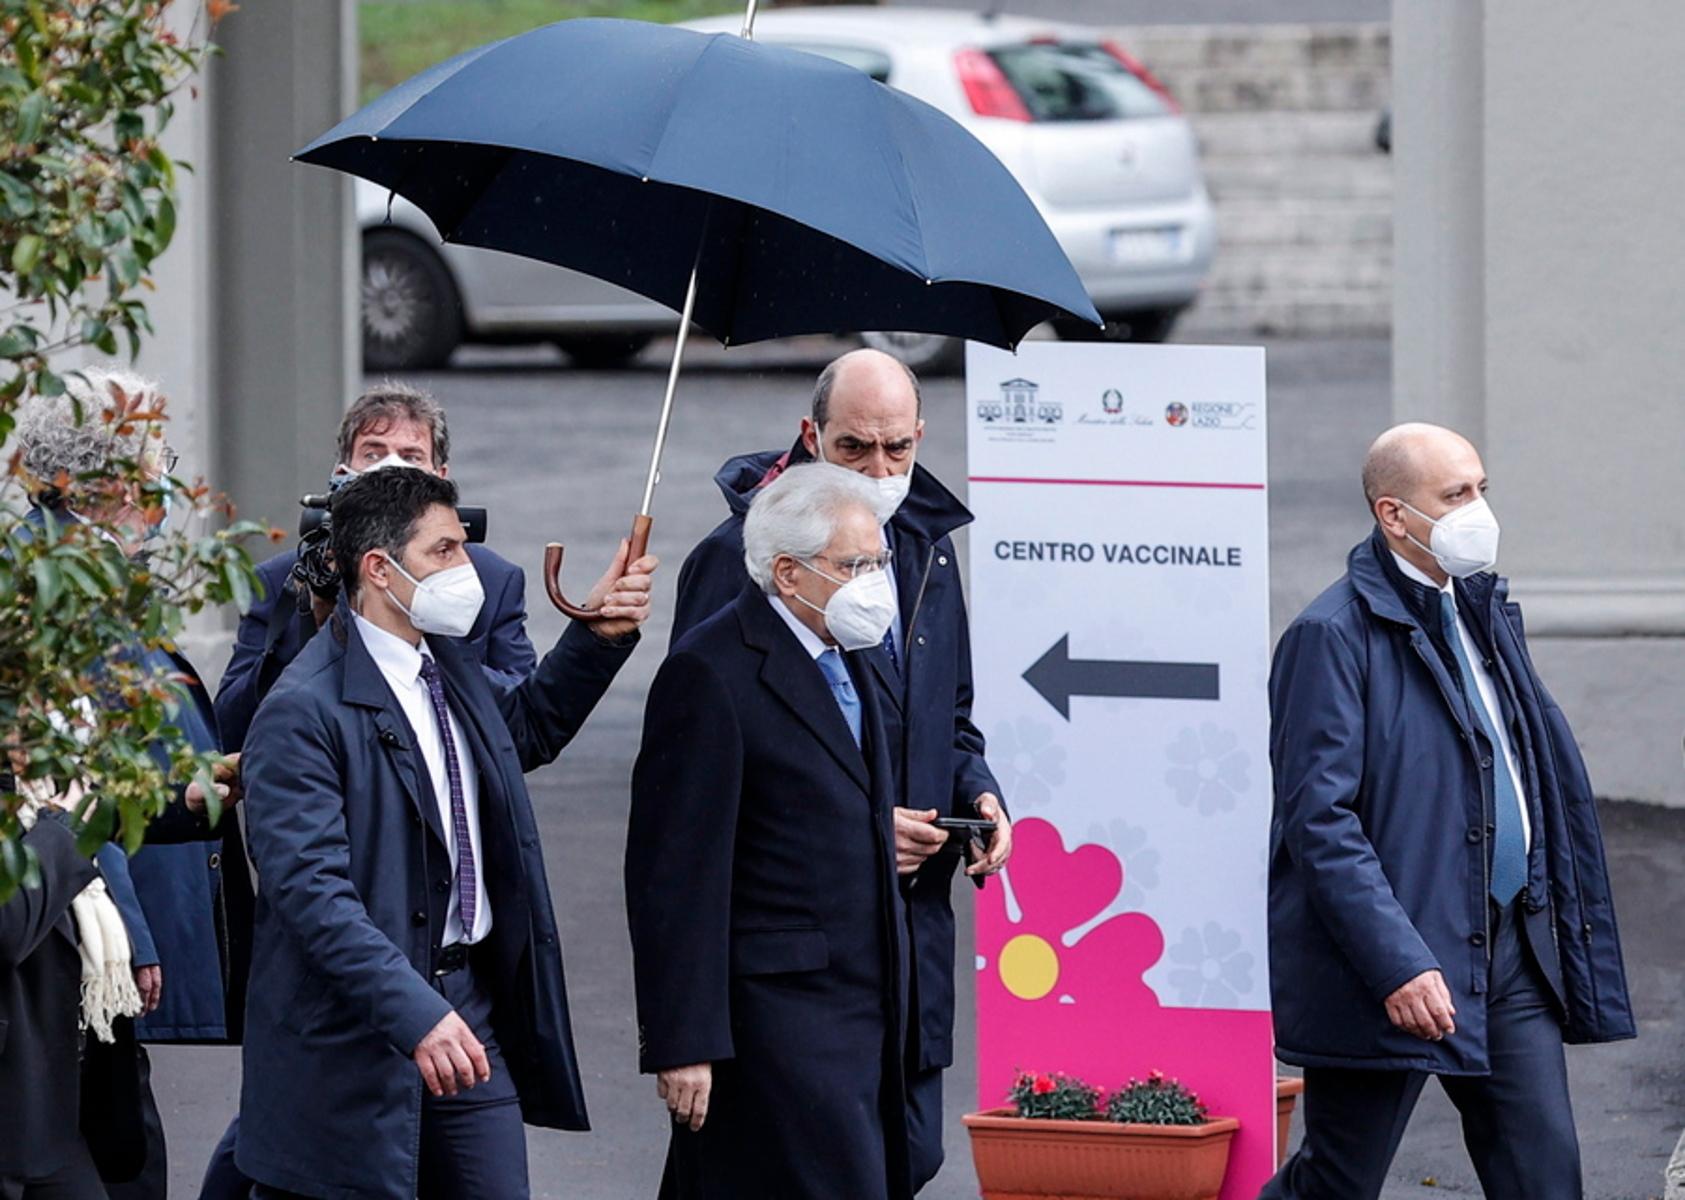 Ιταλία: Ο πρόεδρος Σέρτζιο Ματαρέλα έκανε το εμβόλιο κατά του κορονοϊού